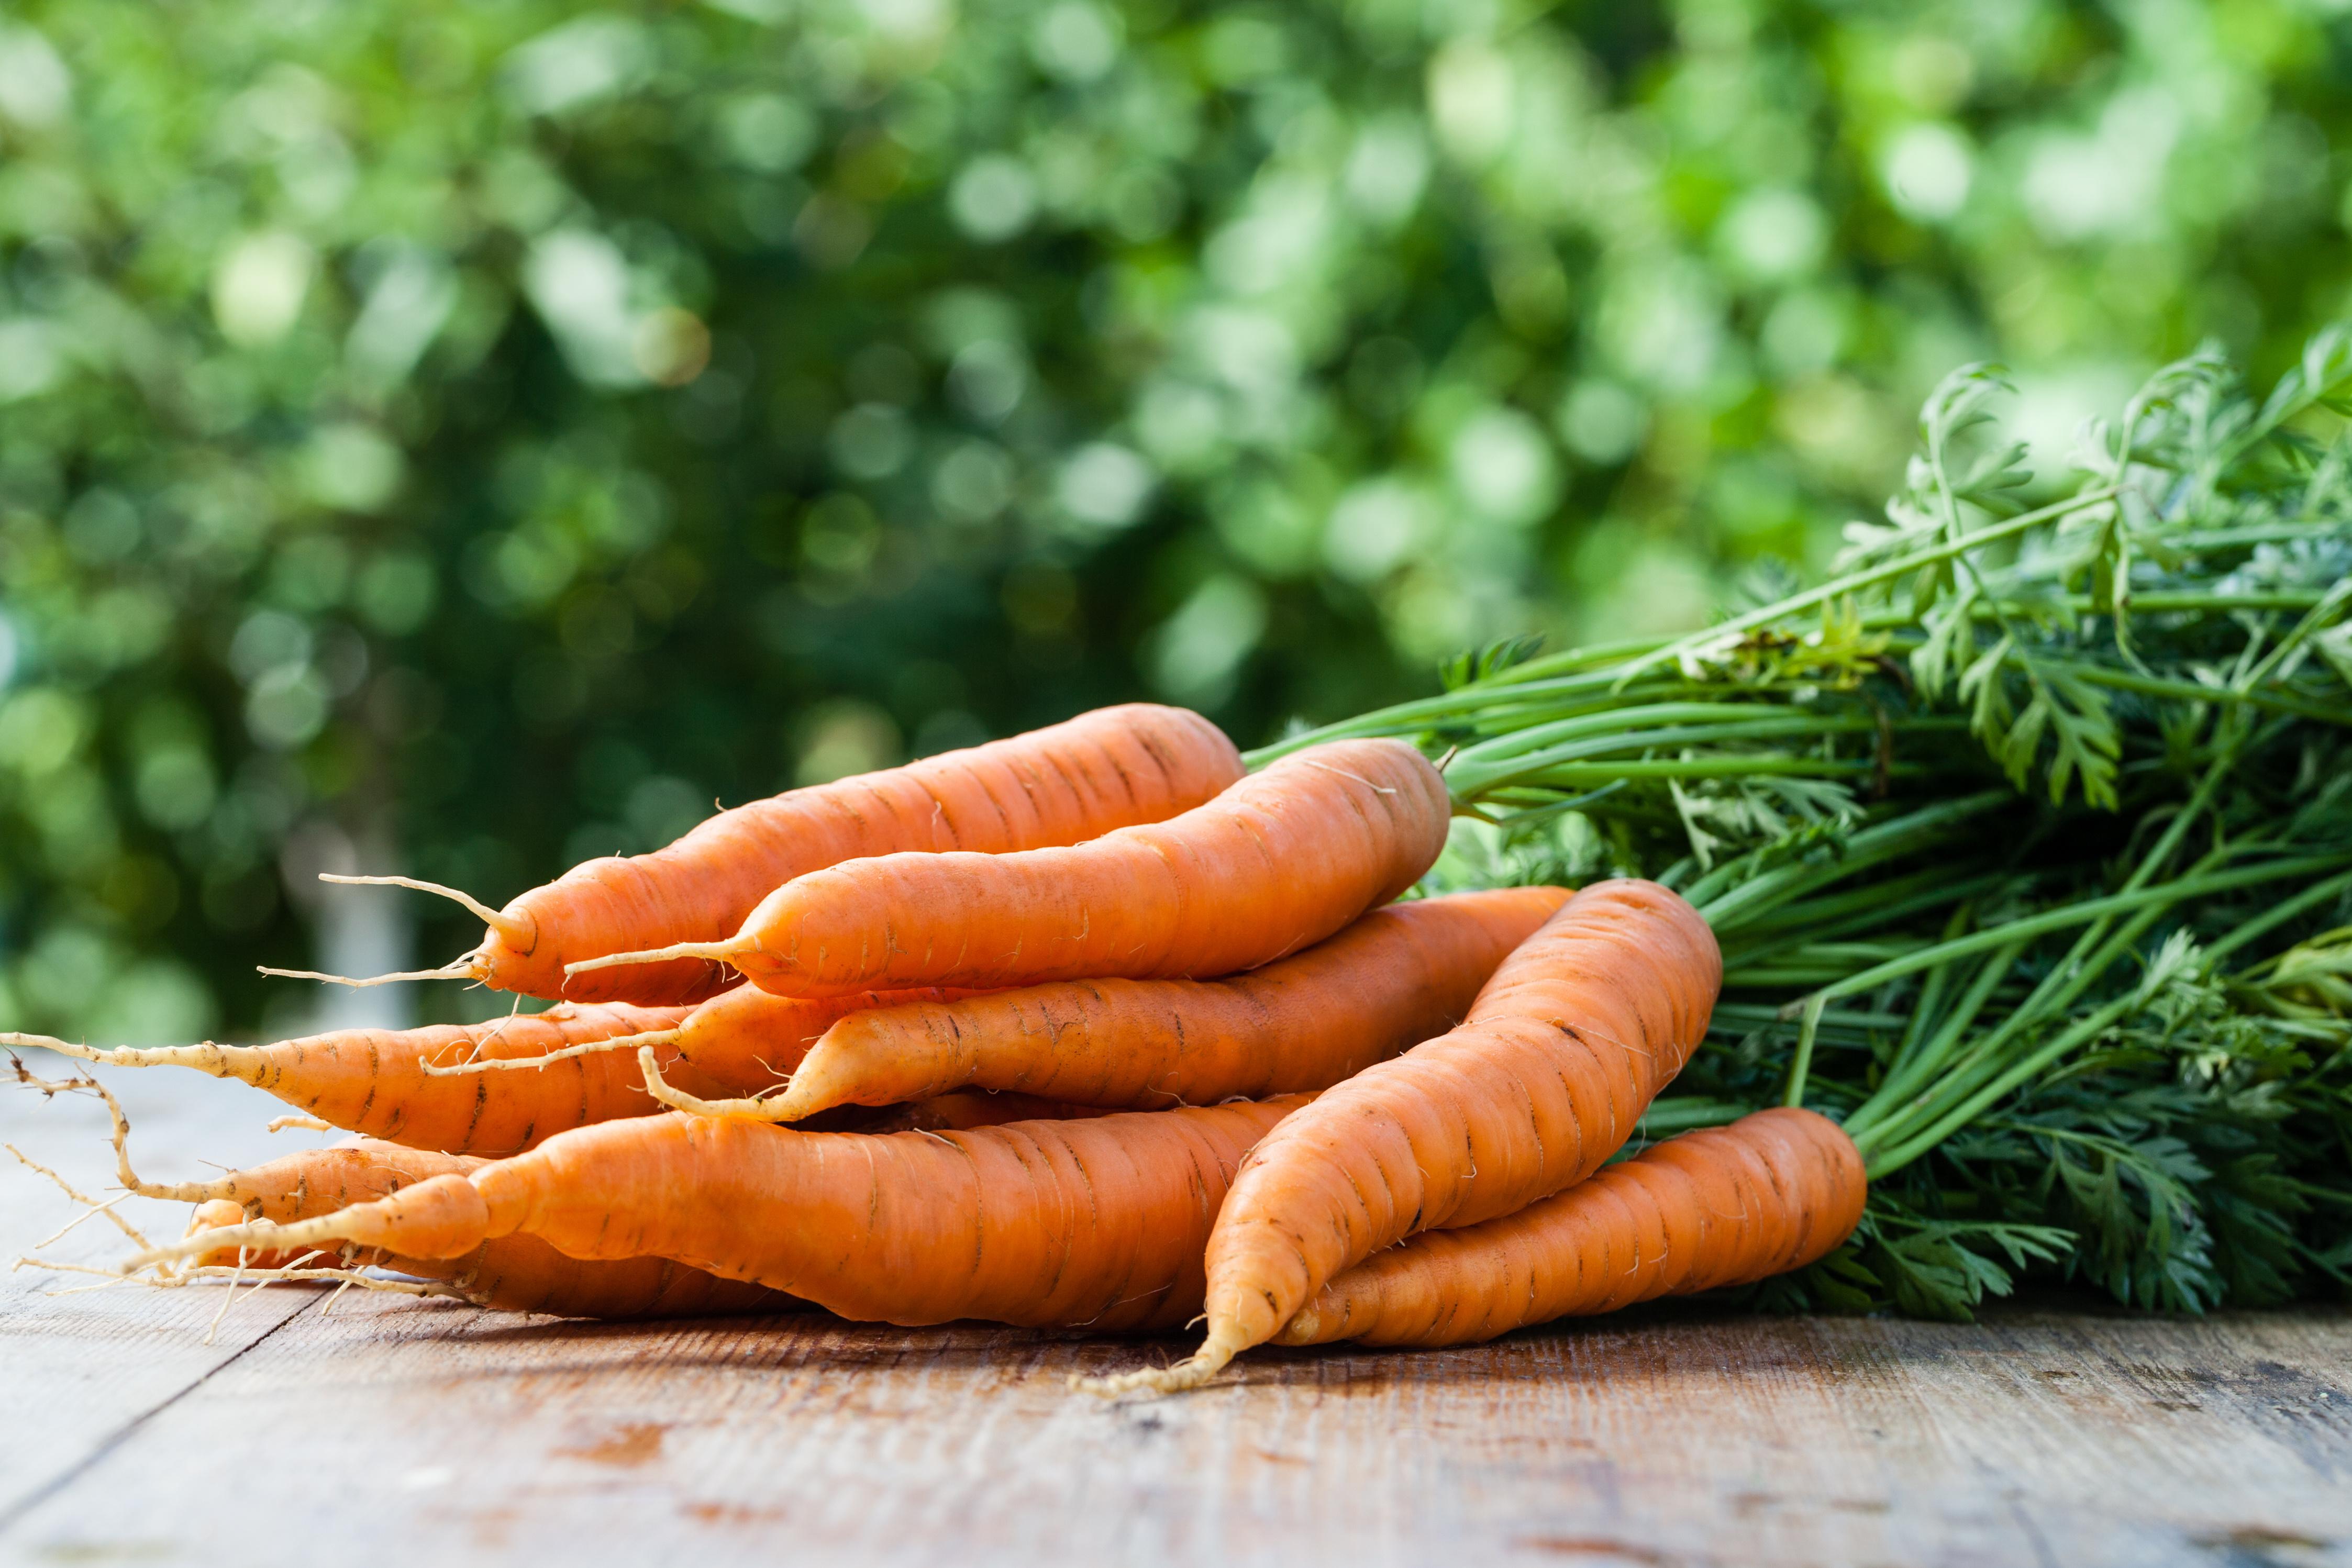 En noviembre en la huerta puedes recoger zanahorias